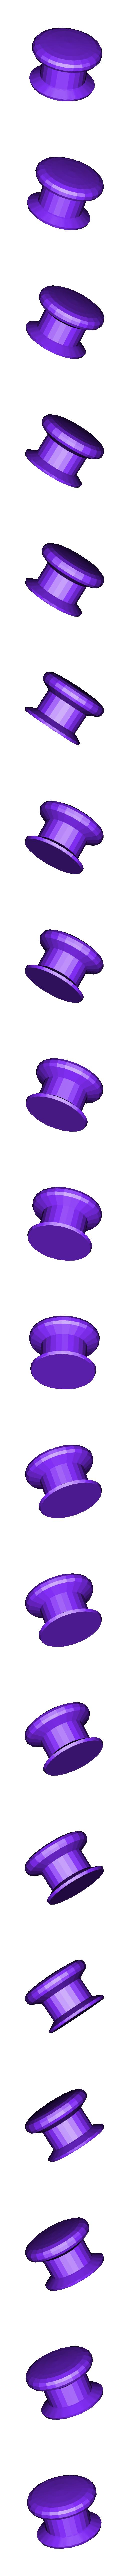 7.stl Télécharger fichier STL gratuit Articulations de la voûte plantaire • Design pour impression 3D, indigo4